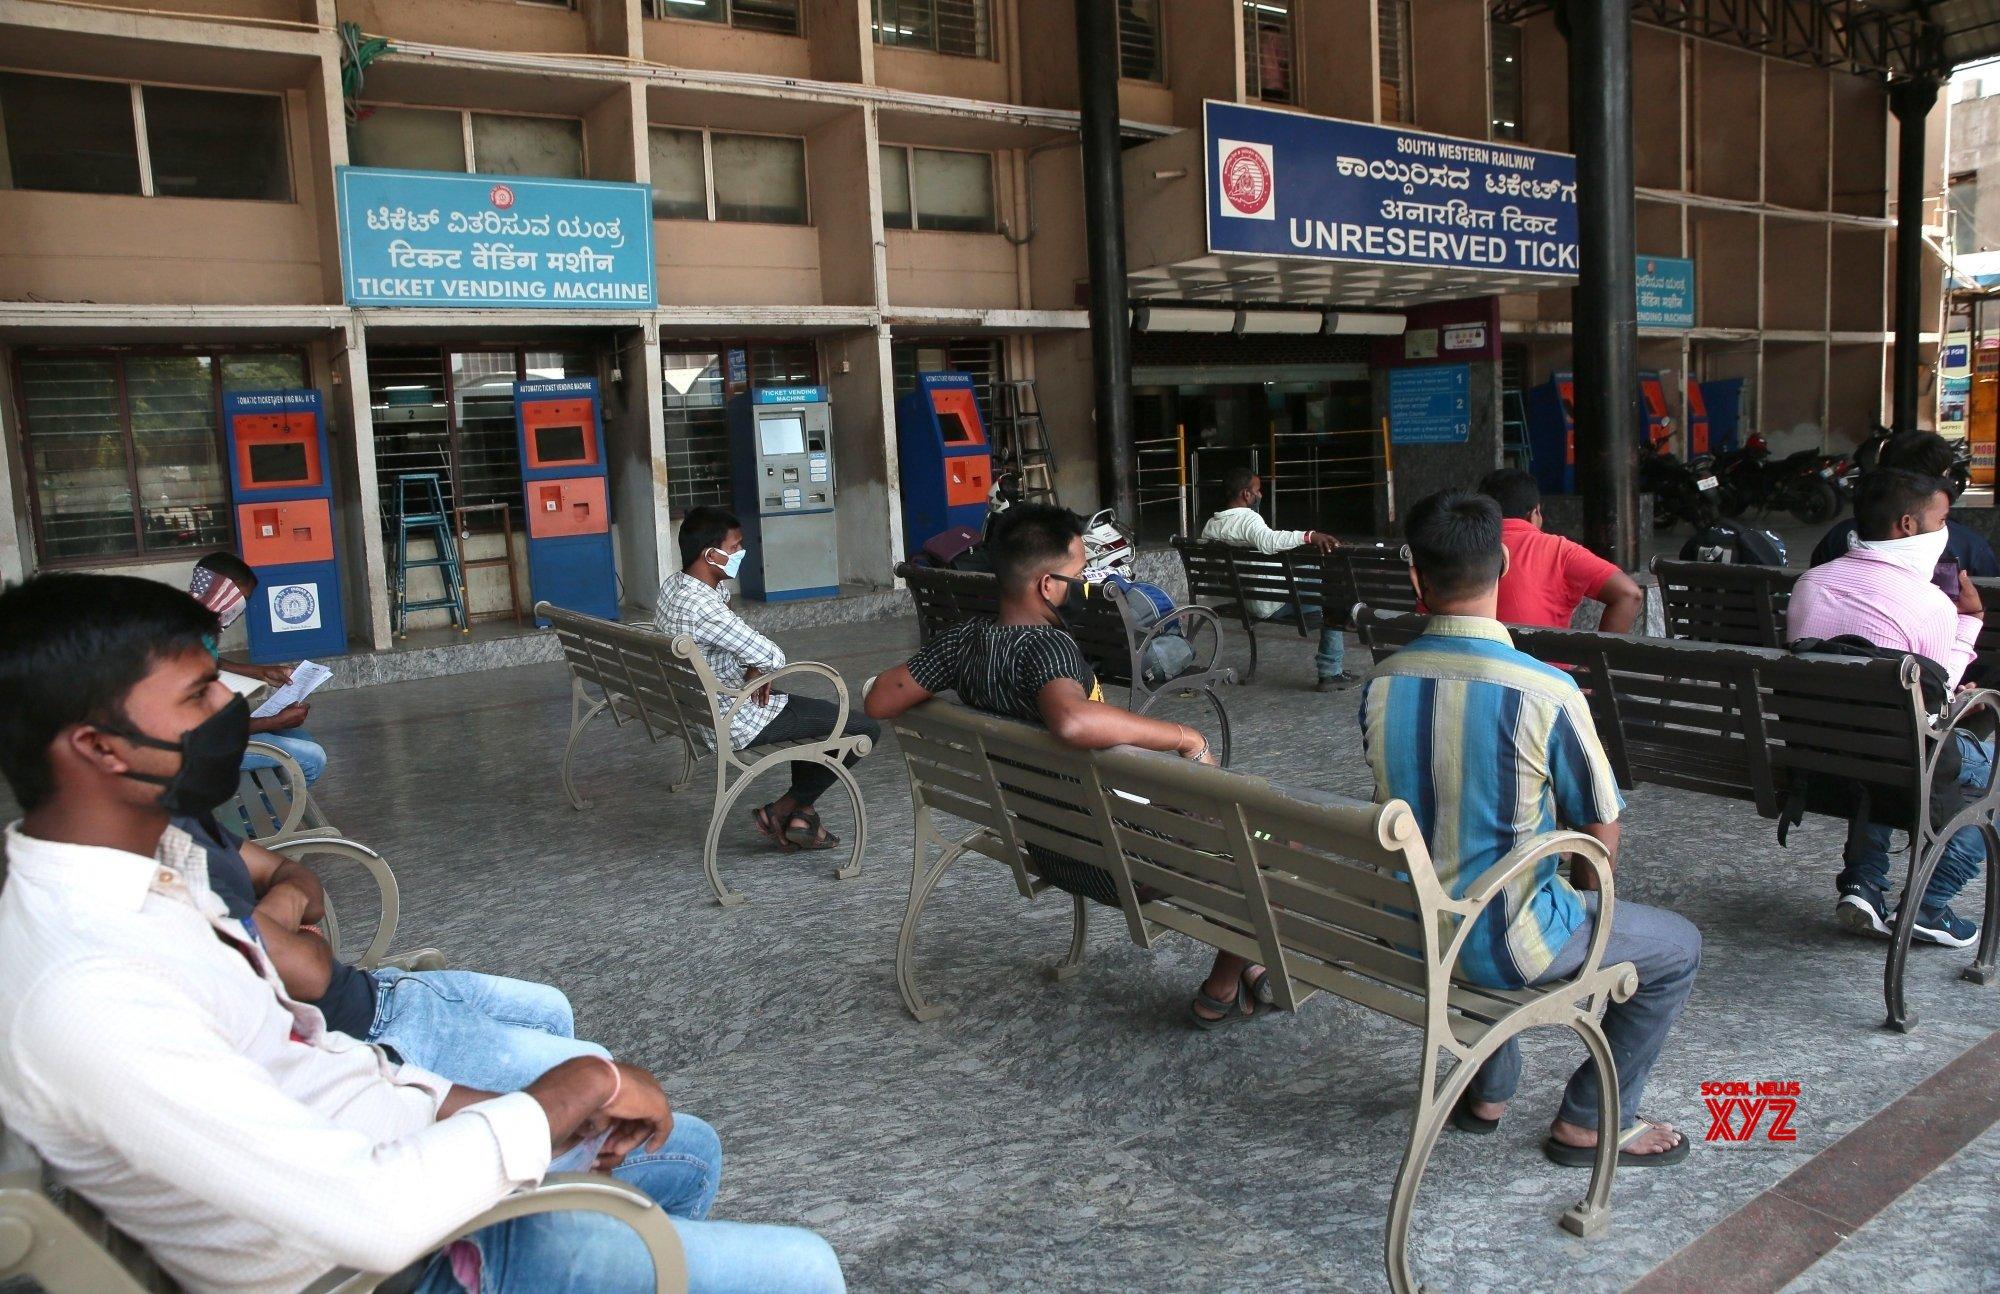 Bengaluru: - Passengers waiting at Bengaluru Railway Station #Gallery